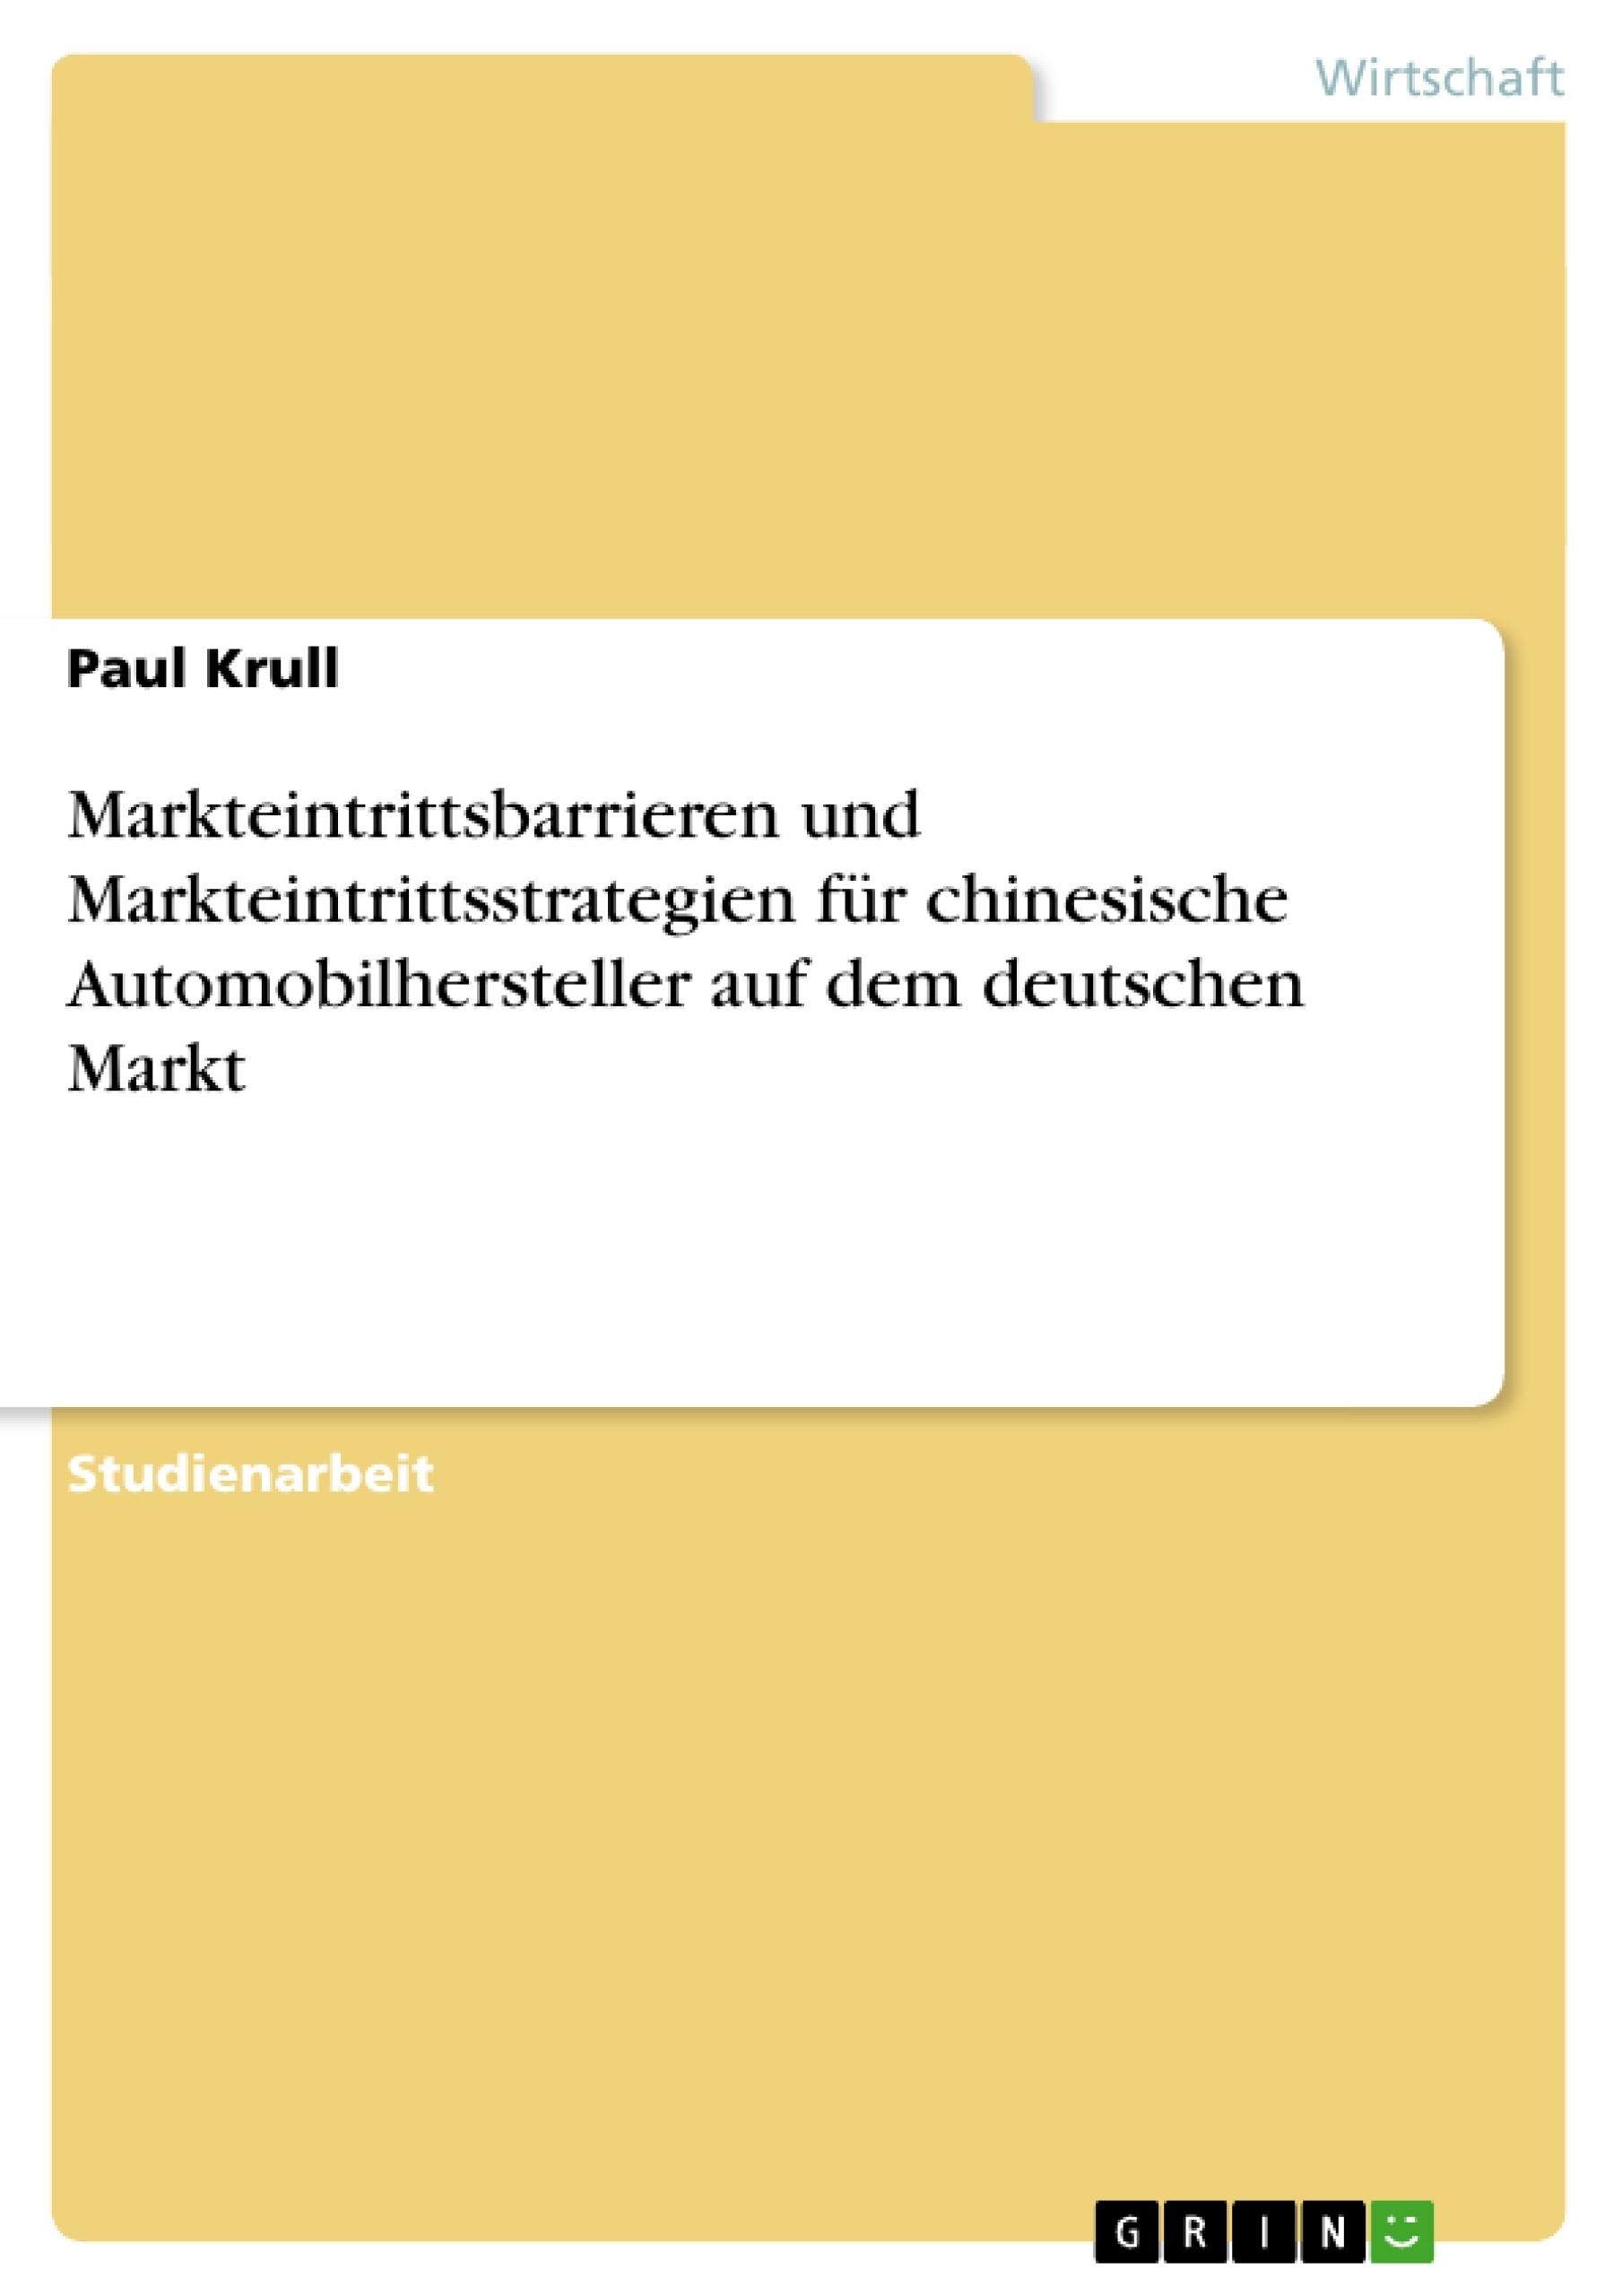 Titel: Markteintrittsbarrieren und Markteintrittsstrategien für chinesische Automobilhersteller auf dem deutschen Markt